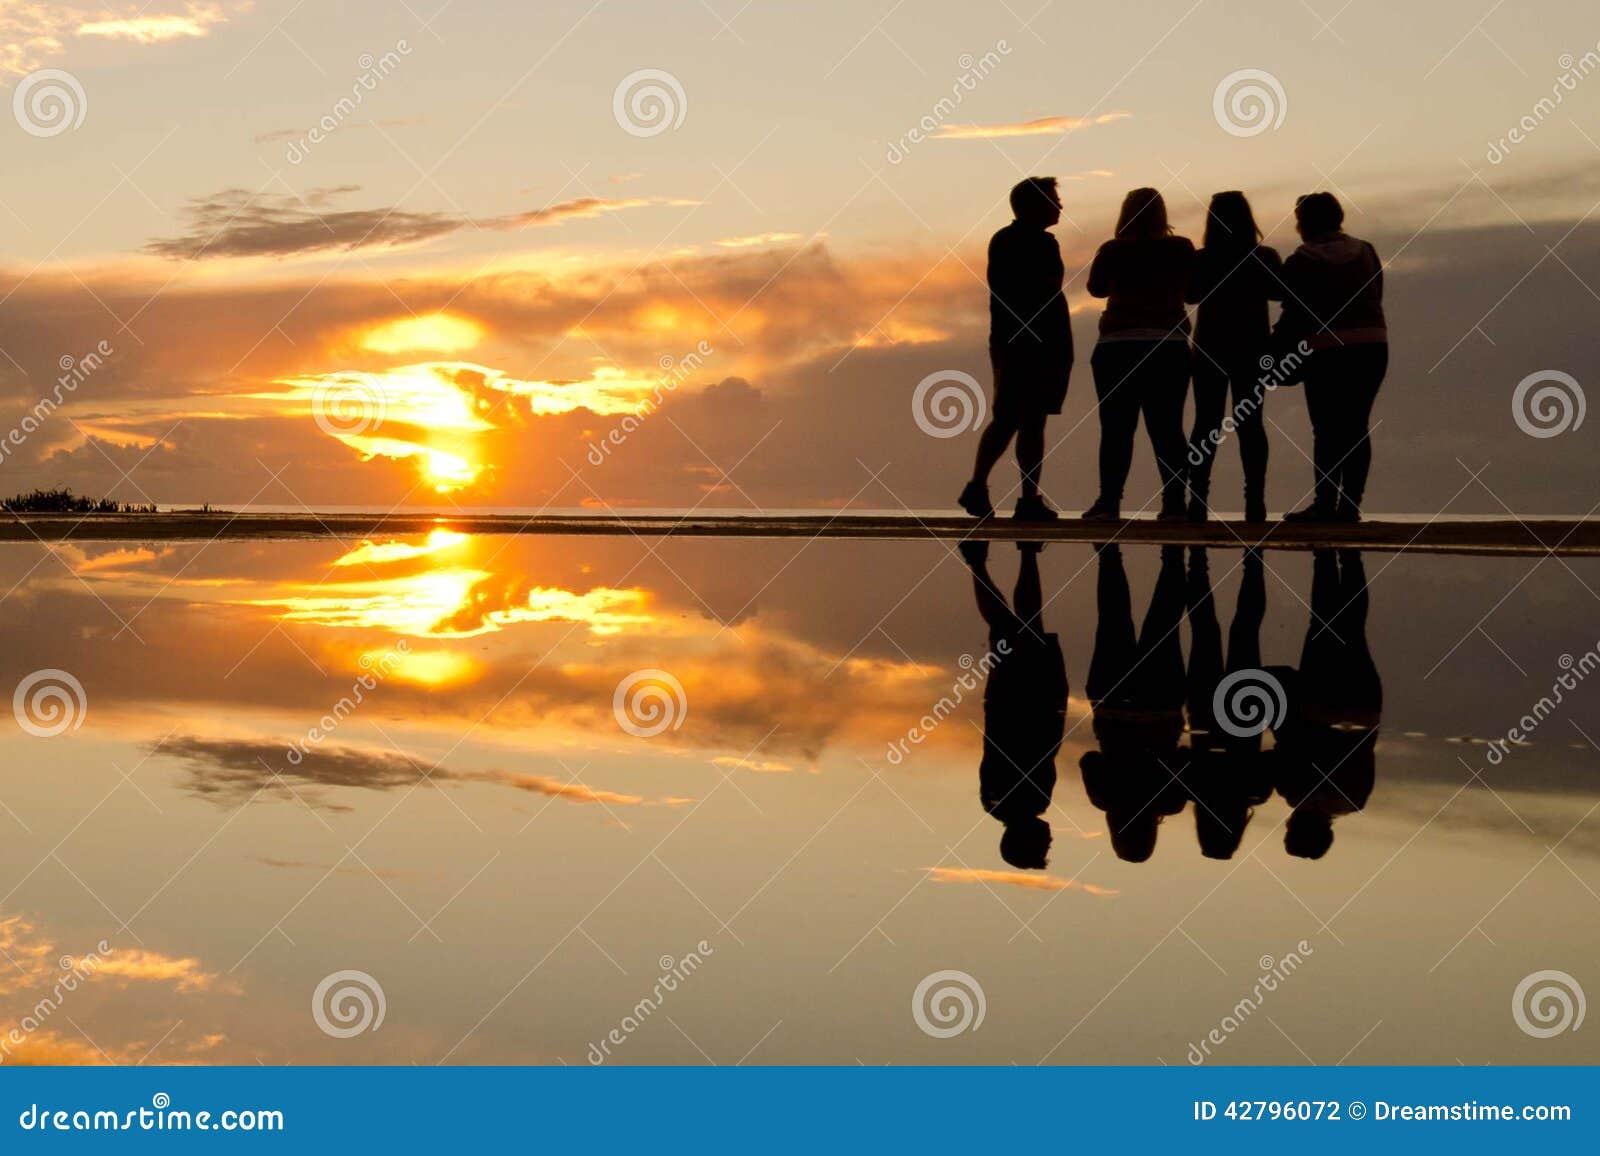 Folk på solnedgången